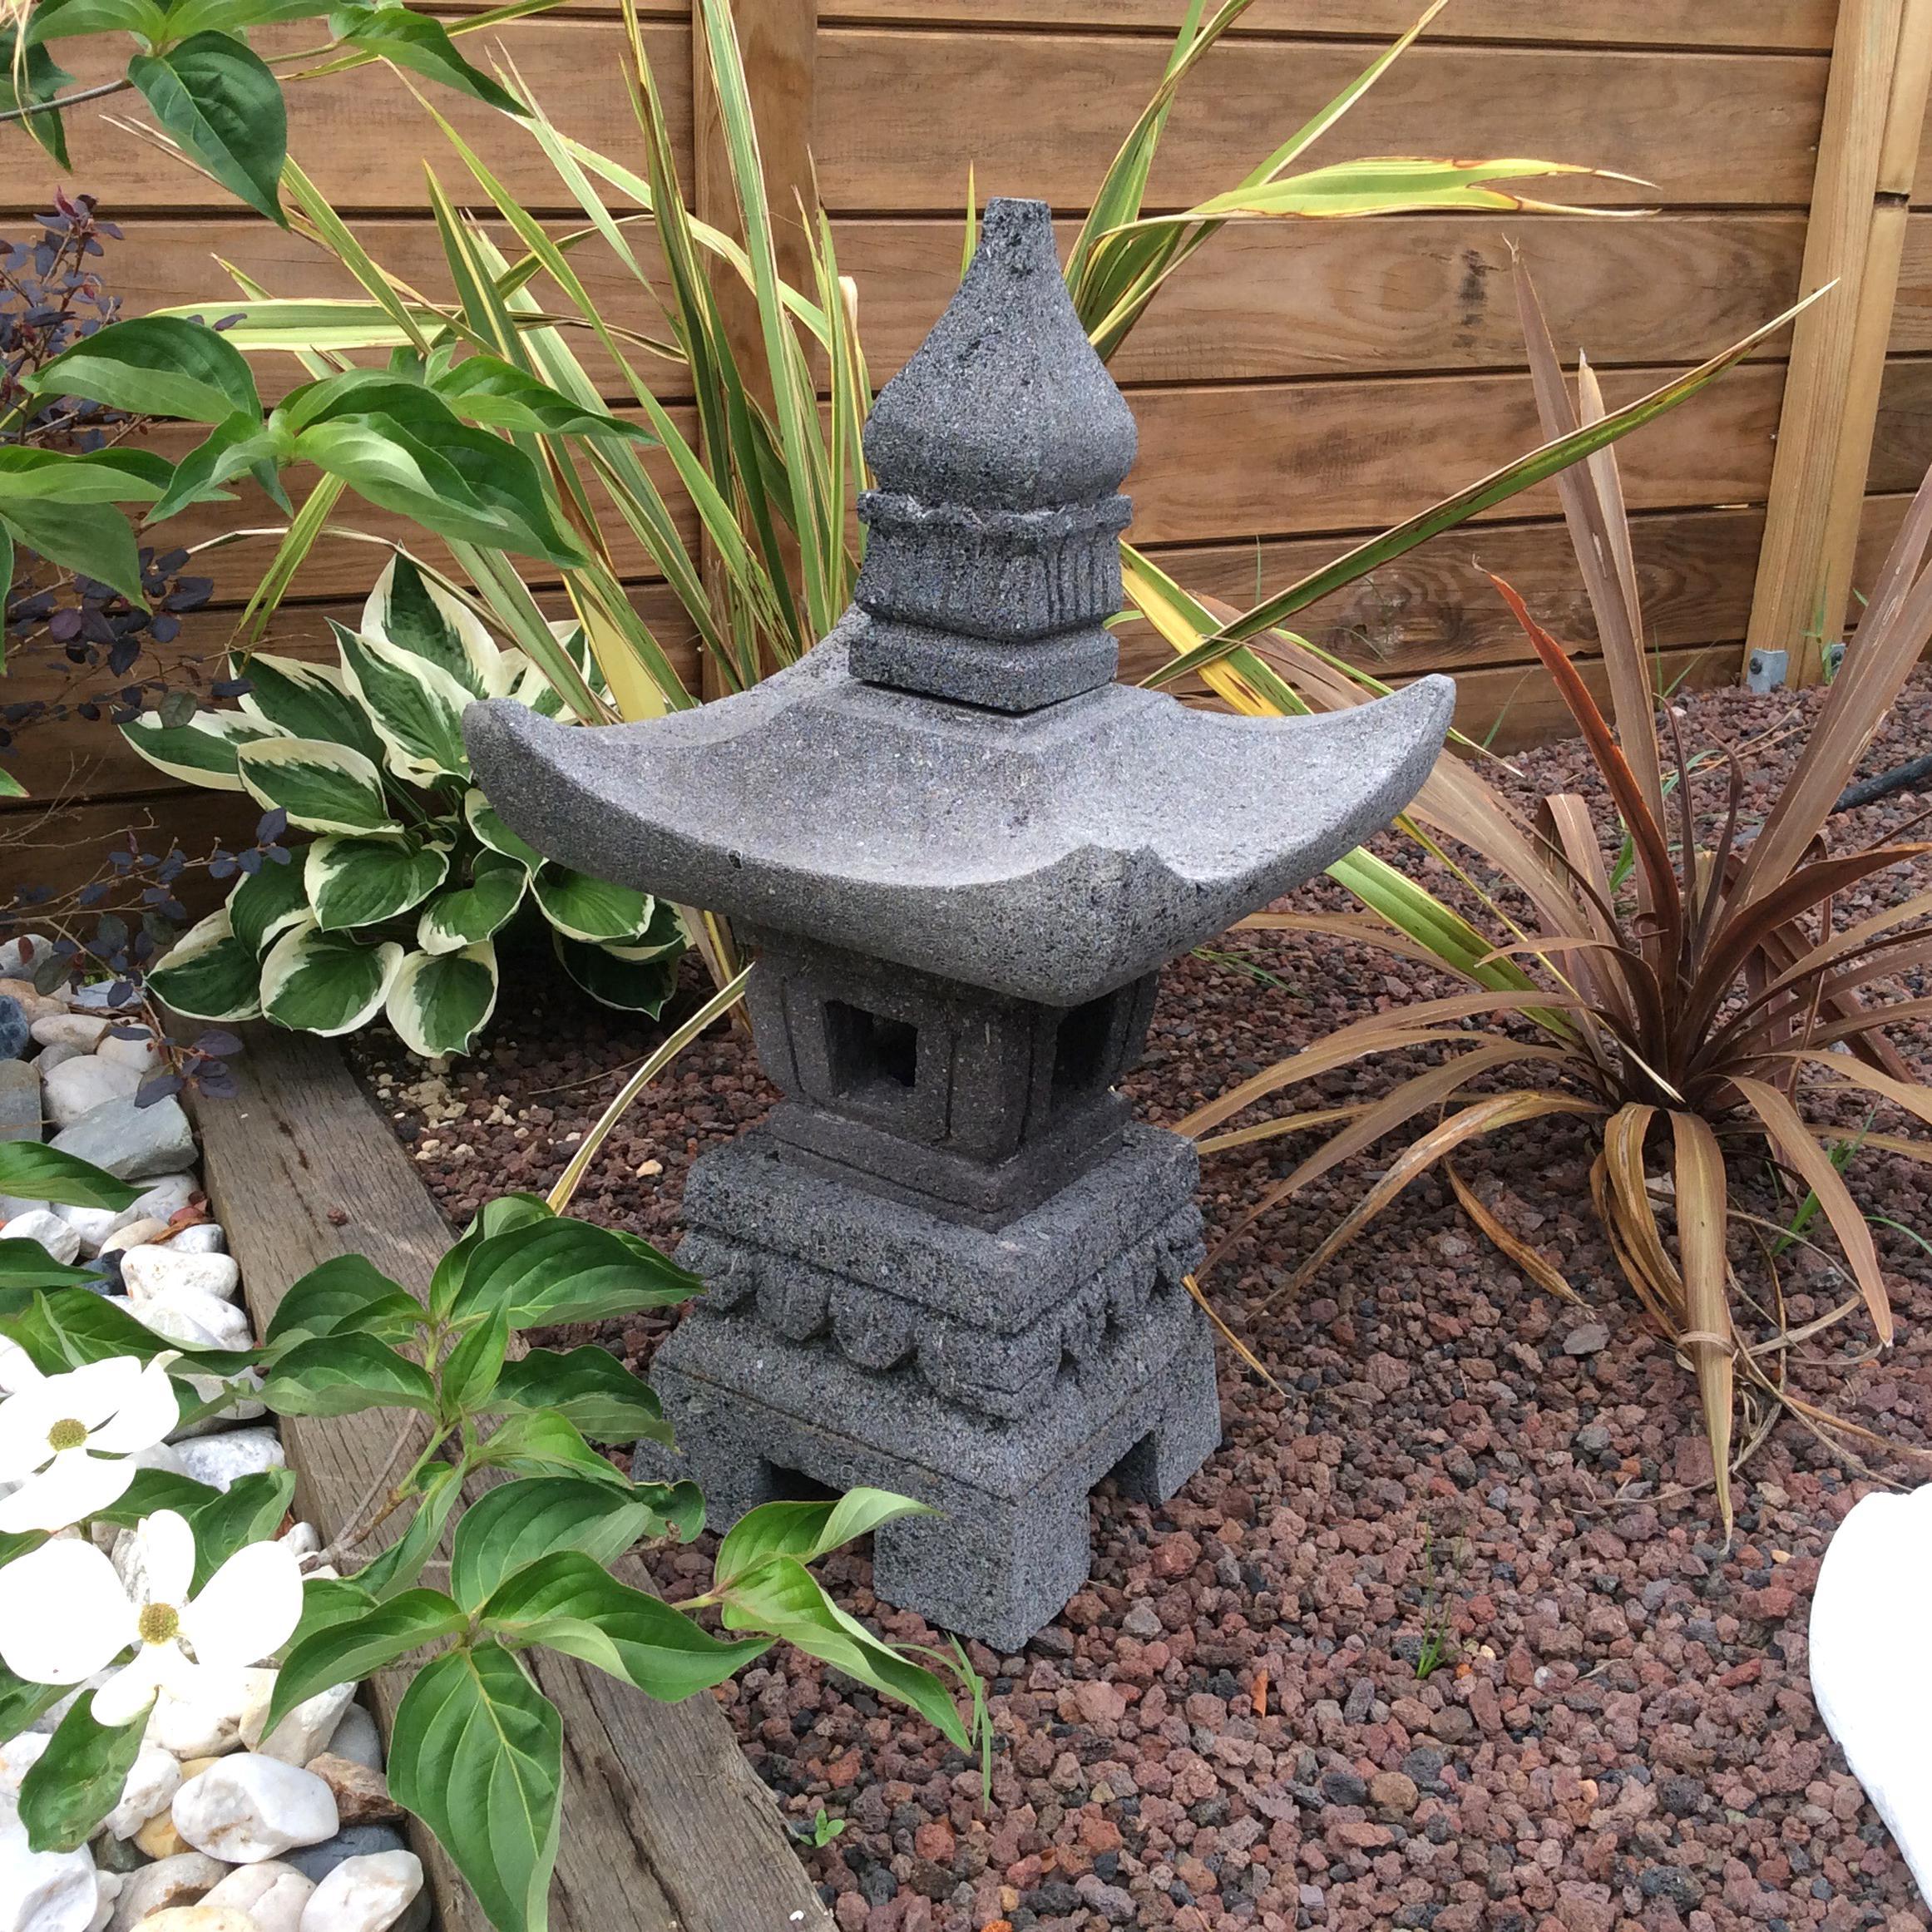 Lanterne Japonaise Jardin D'occasion dedans Lanterne Japonaise Pas Cher